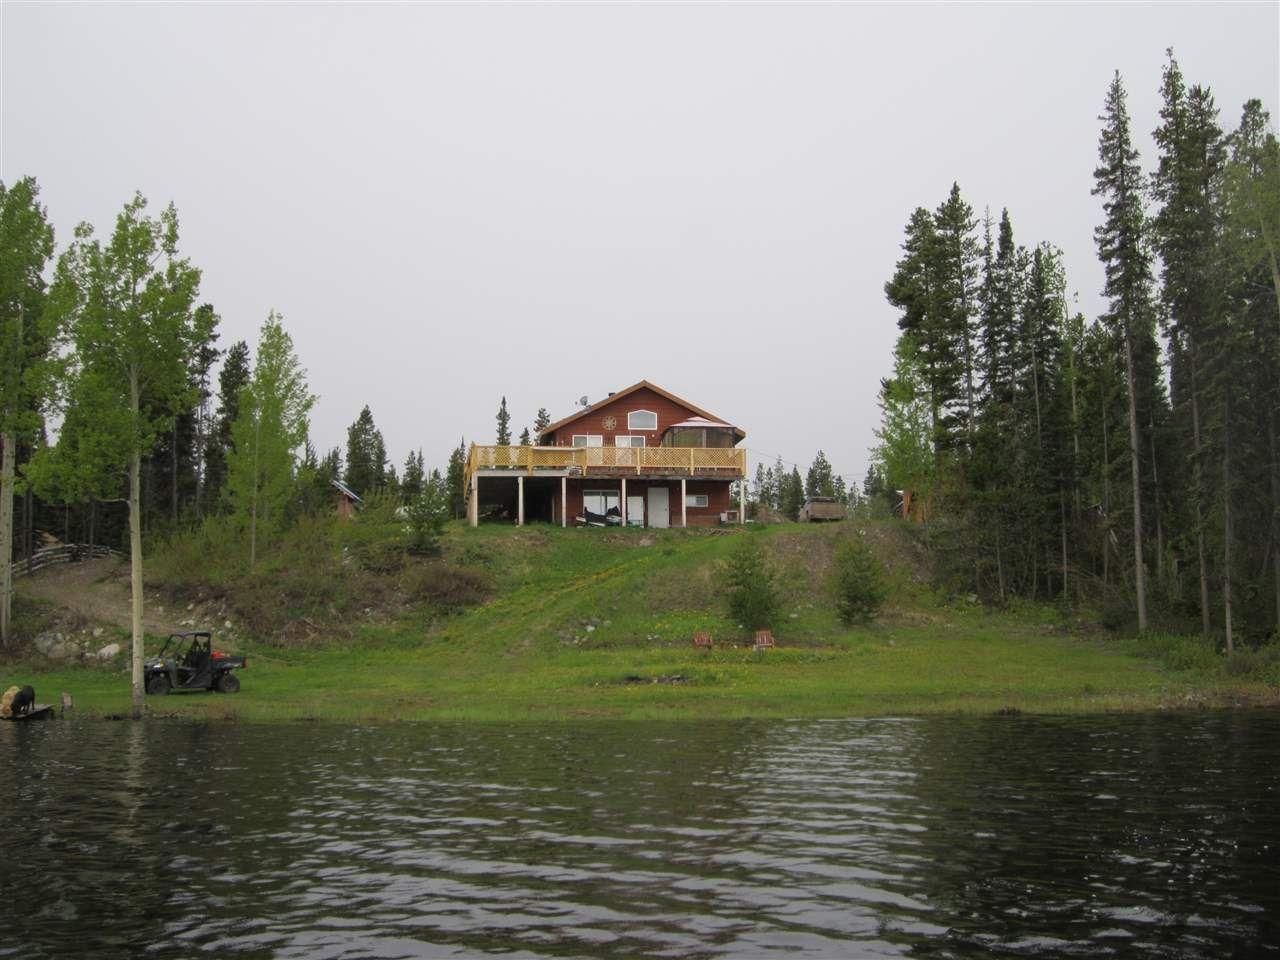 Main Photo: 3126 ELSEY Road in Williams Lake: Williams Lake - Rural West House for sale (Williams Lake (Zone 27))  : MLS®# R2467730